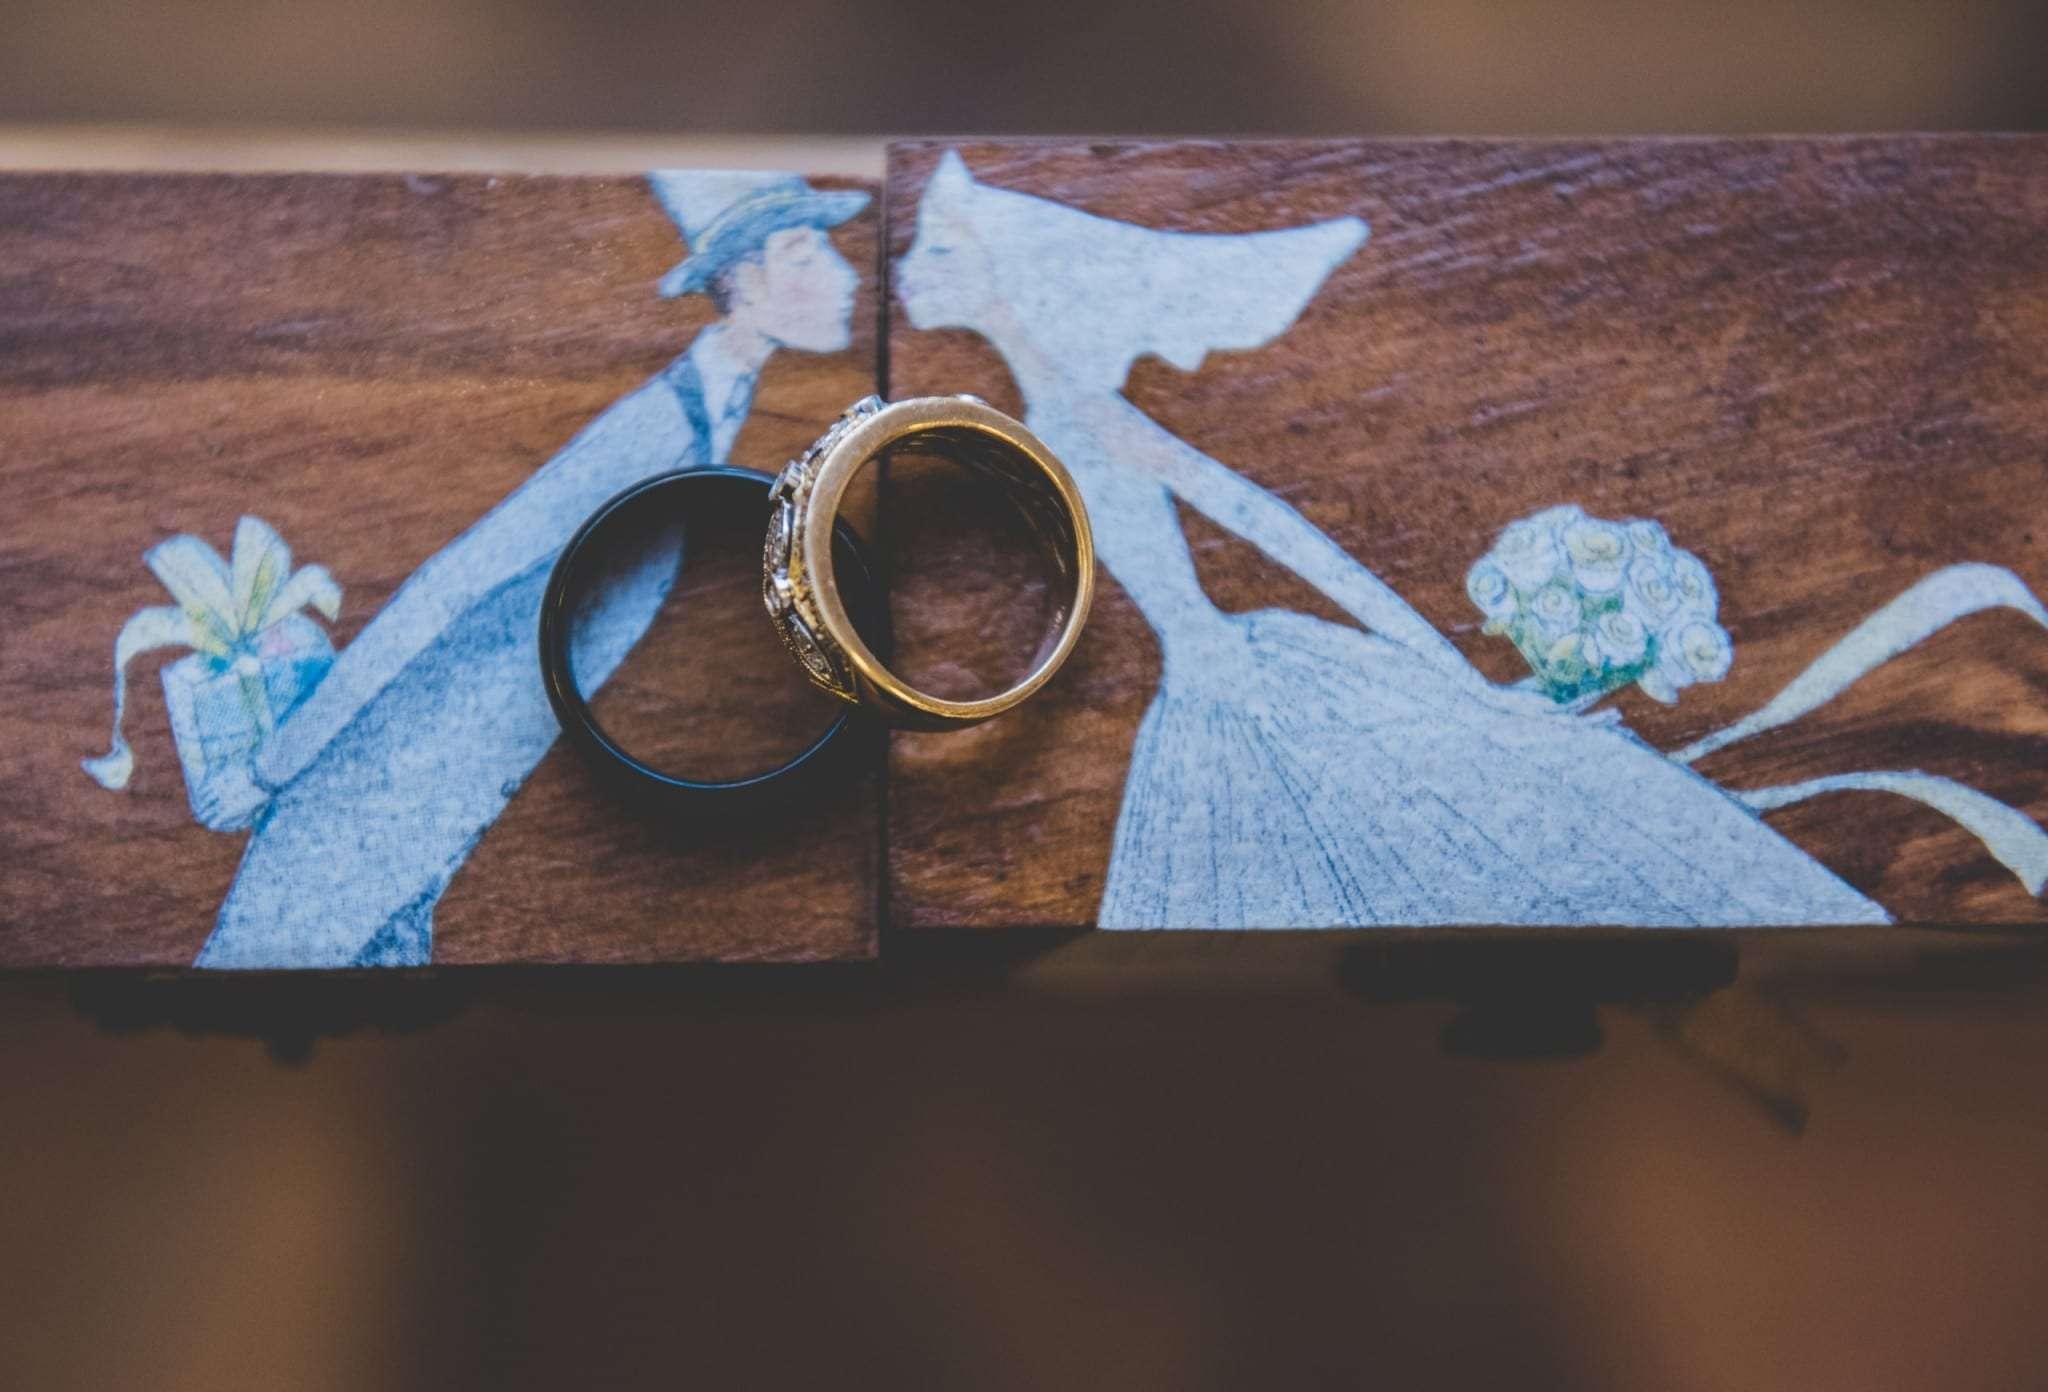 Micro wedding ring photos